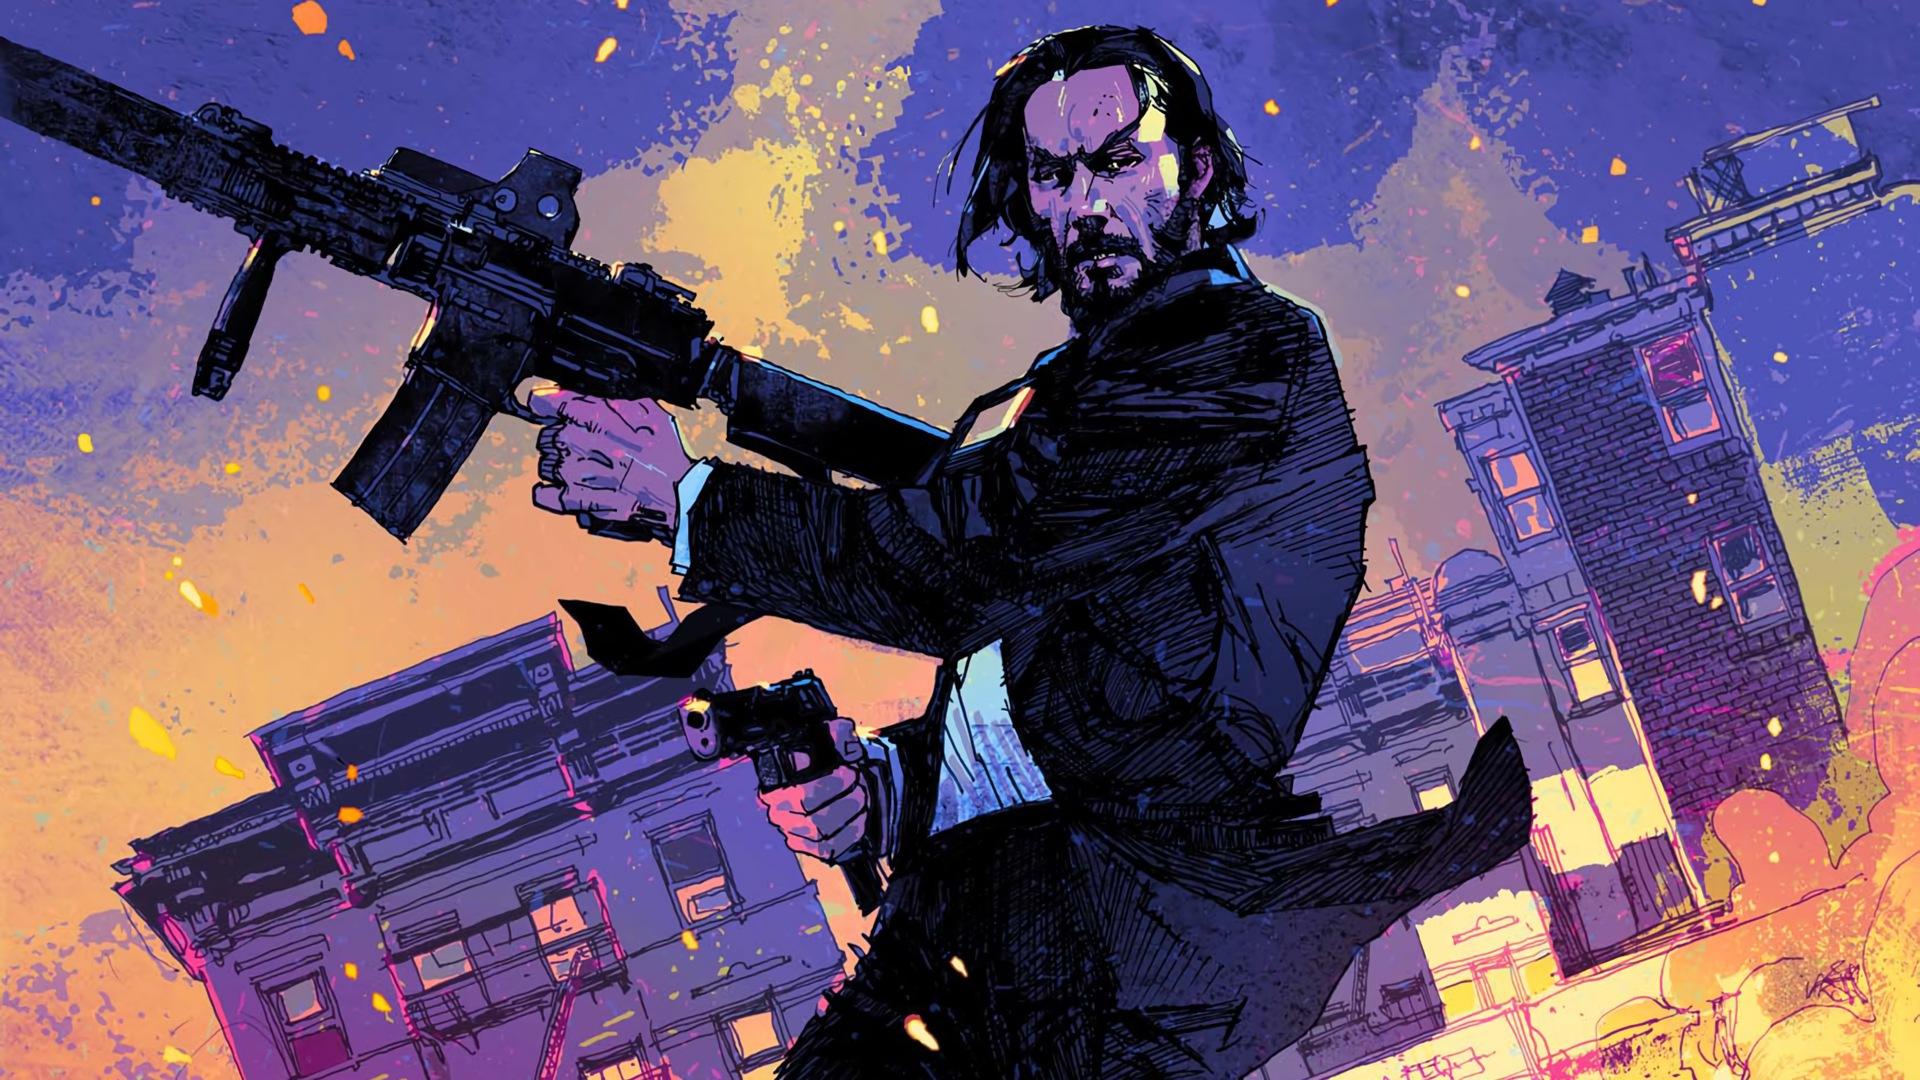 Desktop Wallpaper John Wick Chapter 2 Art Movie Hd Image